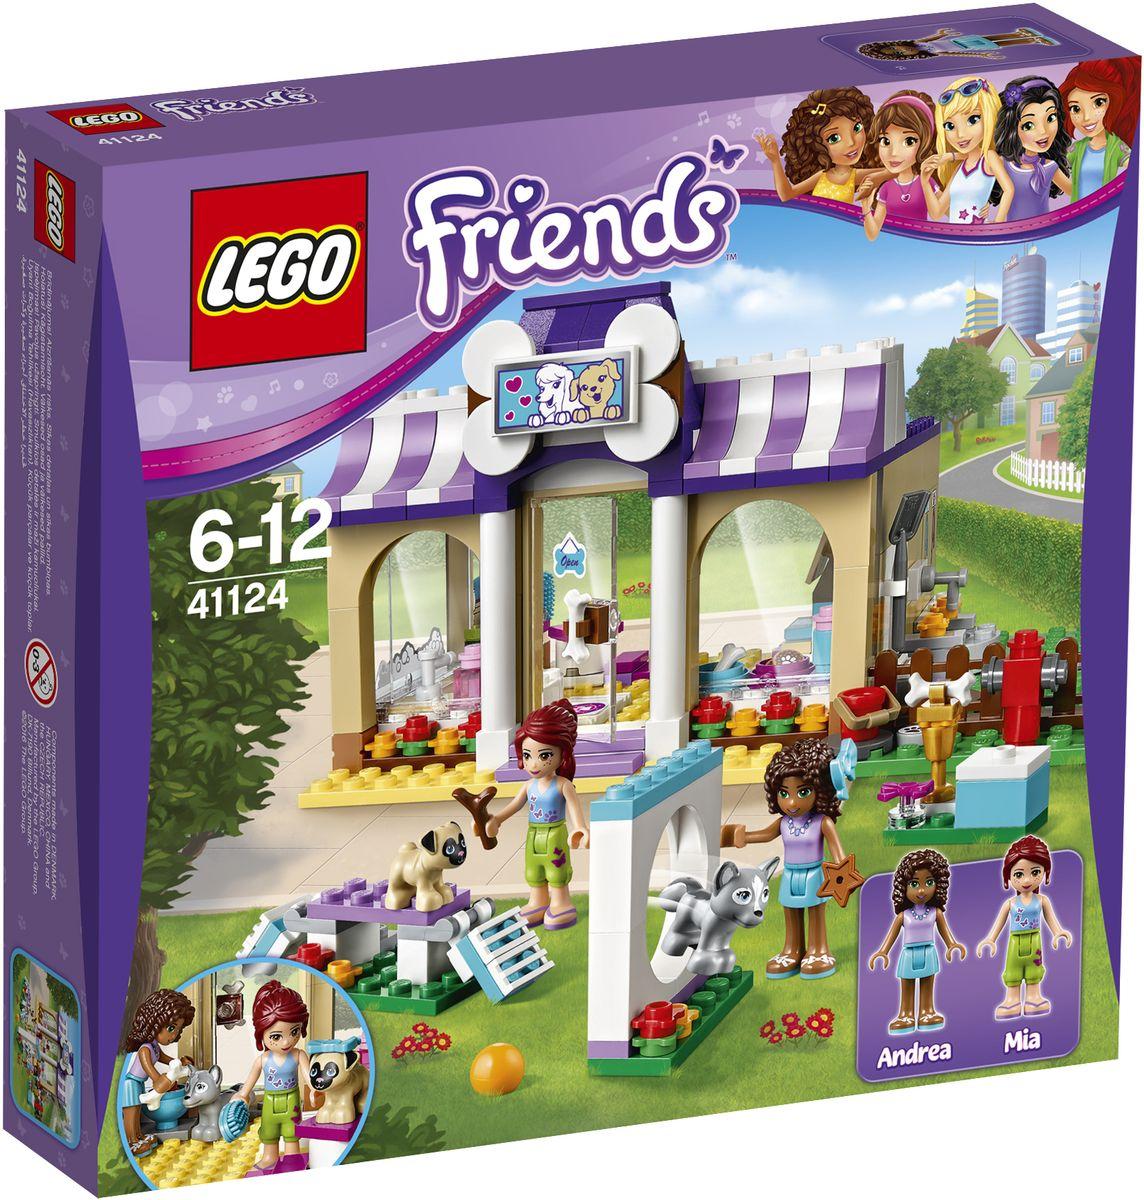 LEGO Friends Конструктор Детский сад для щенков 41124 lego friends выставка щенков игровая площадка